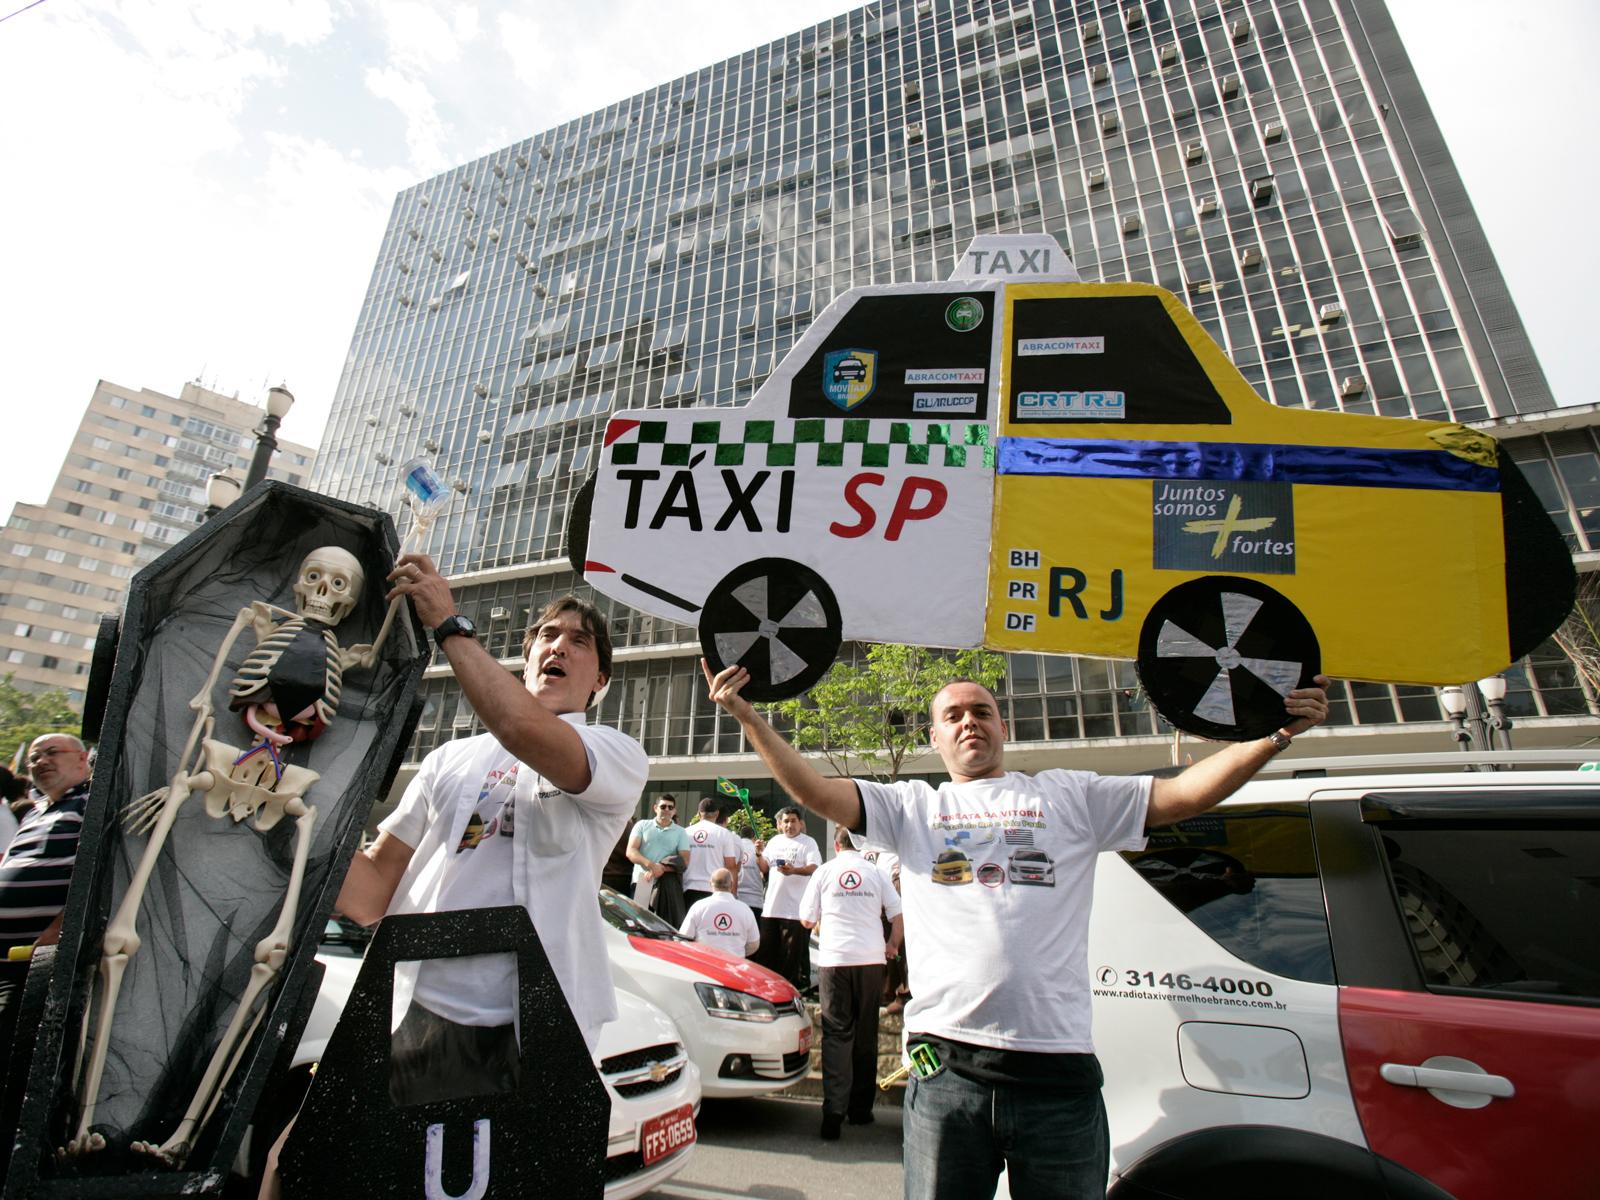 Manifestação de taxistas em frente a Câmara Municipal de São Paulo, durante a votação para a legalização do Uber